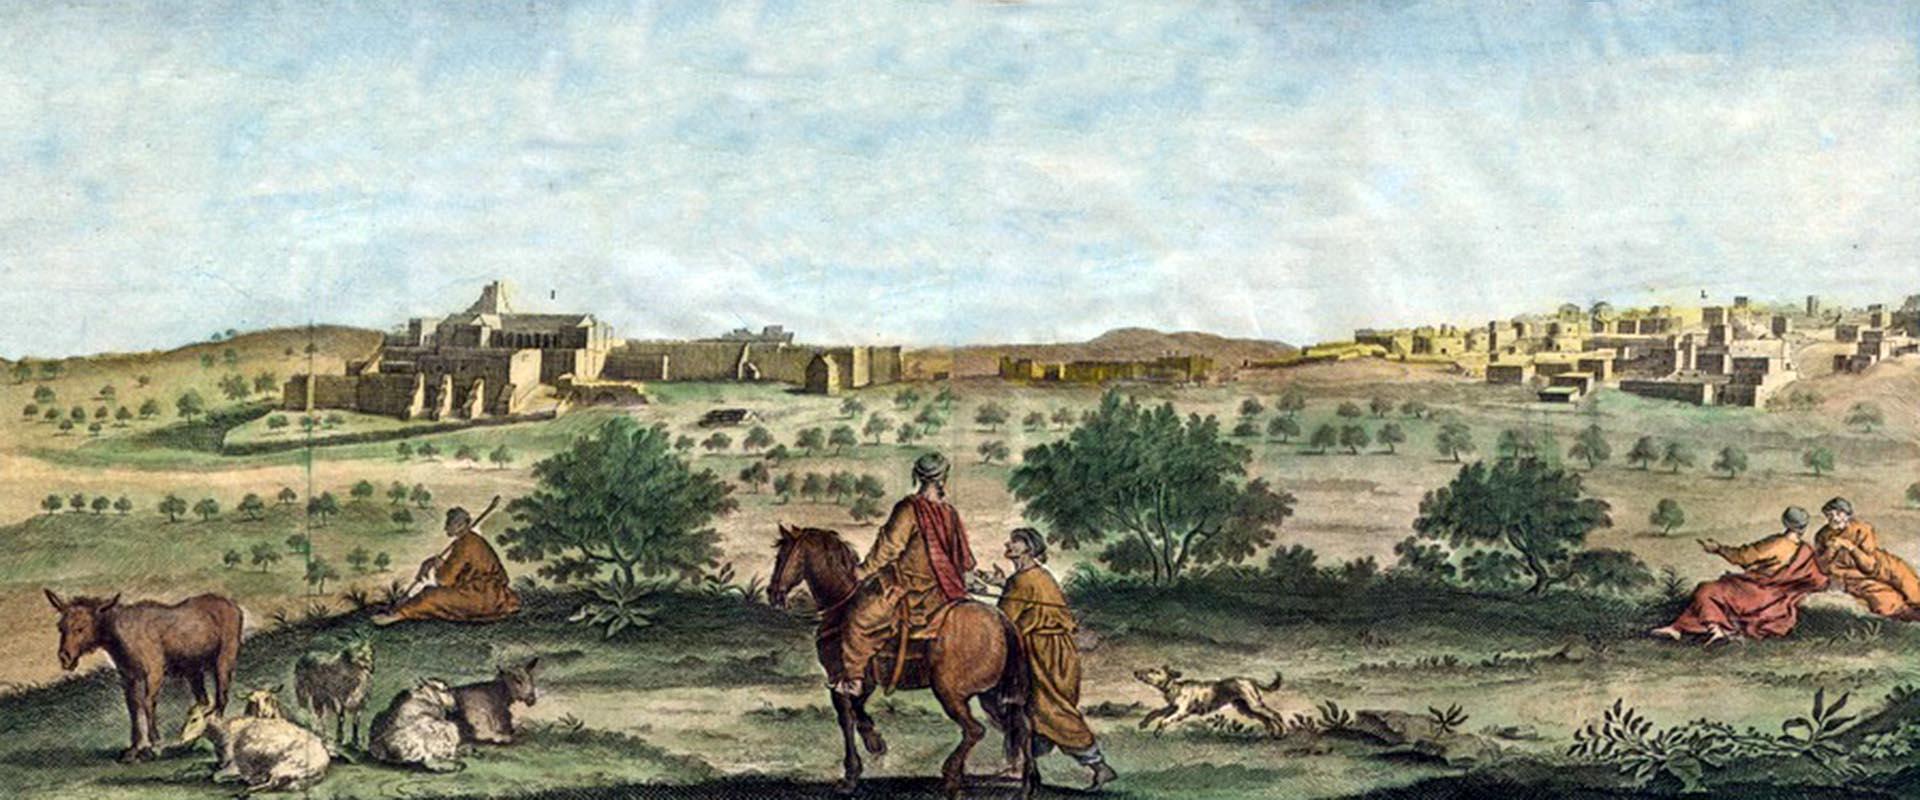 1698_de_bruijin_view_of_bethlehem_palestine_israel_holy_land_-_geographicus_-_bethlehem-bruijn-1698